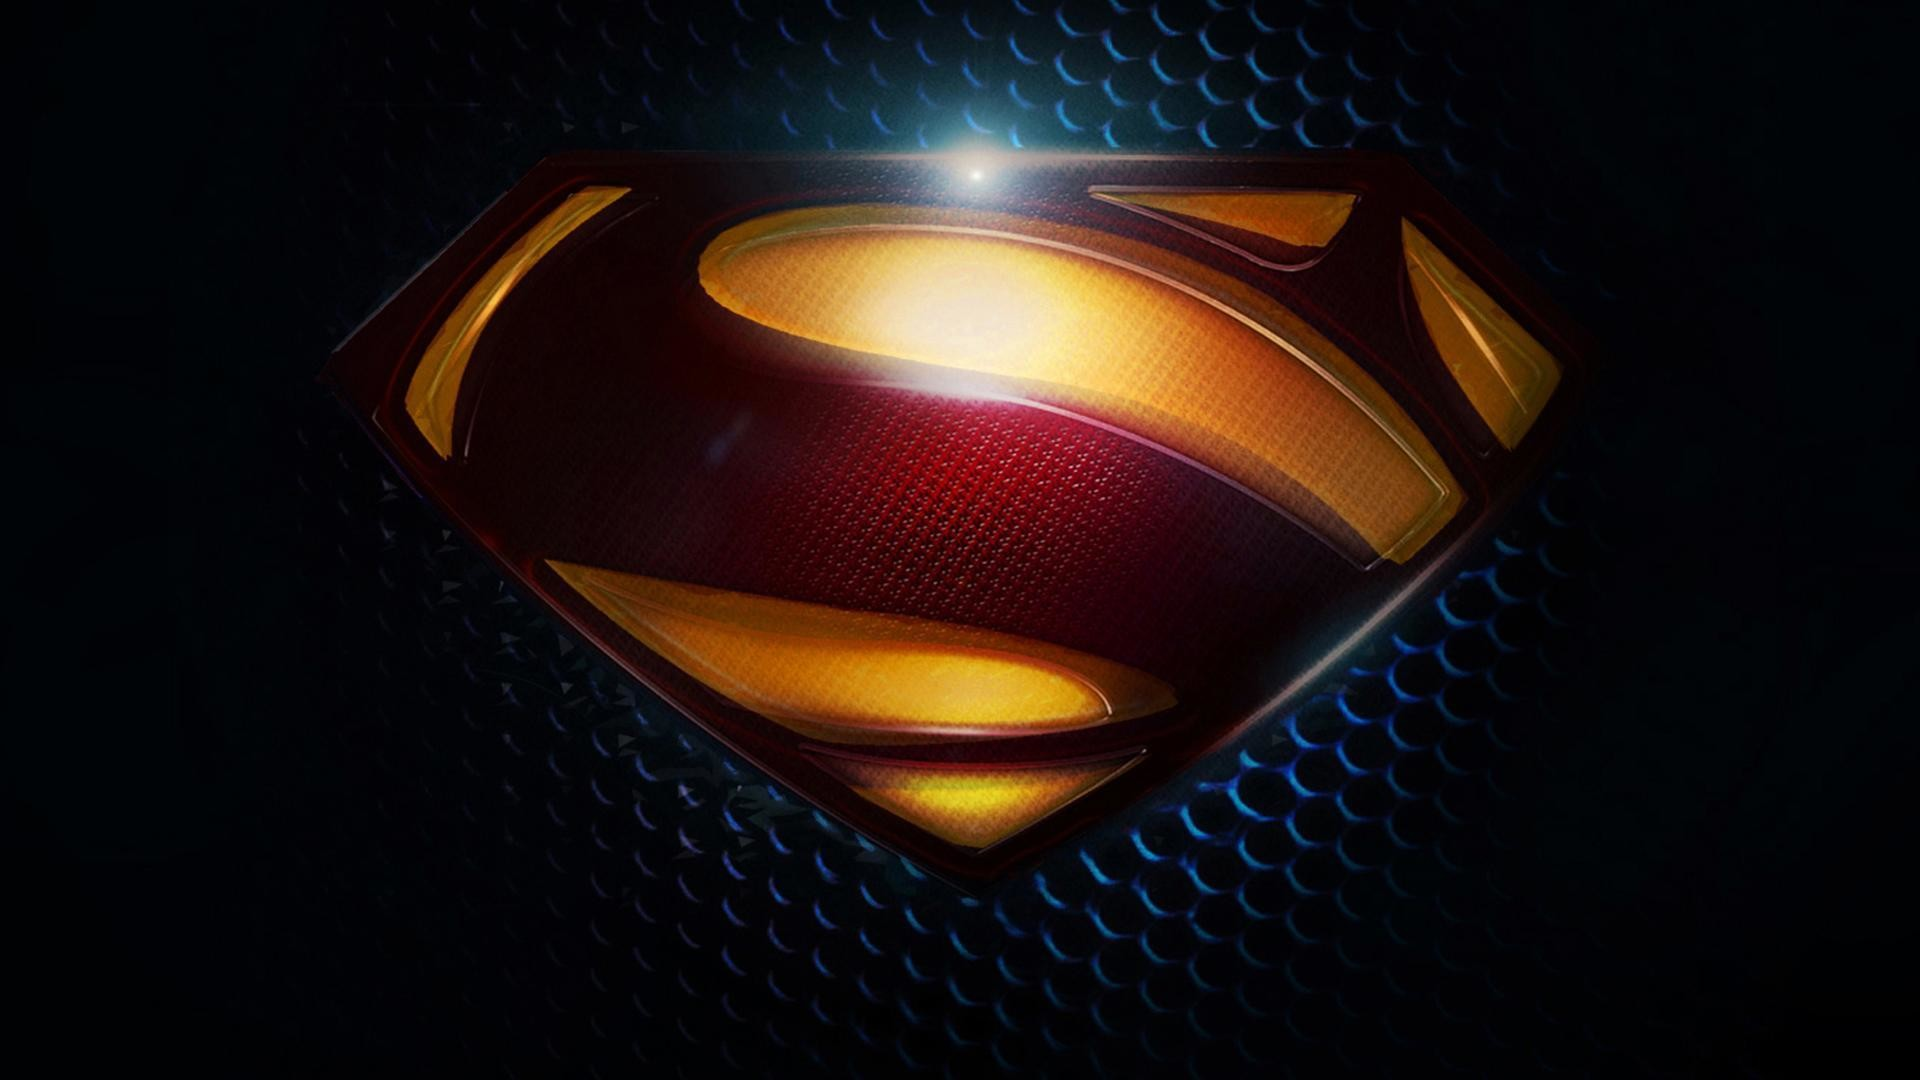 superman wallpaper 1920x1080